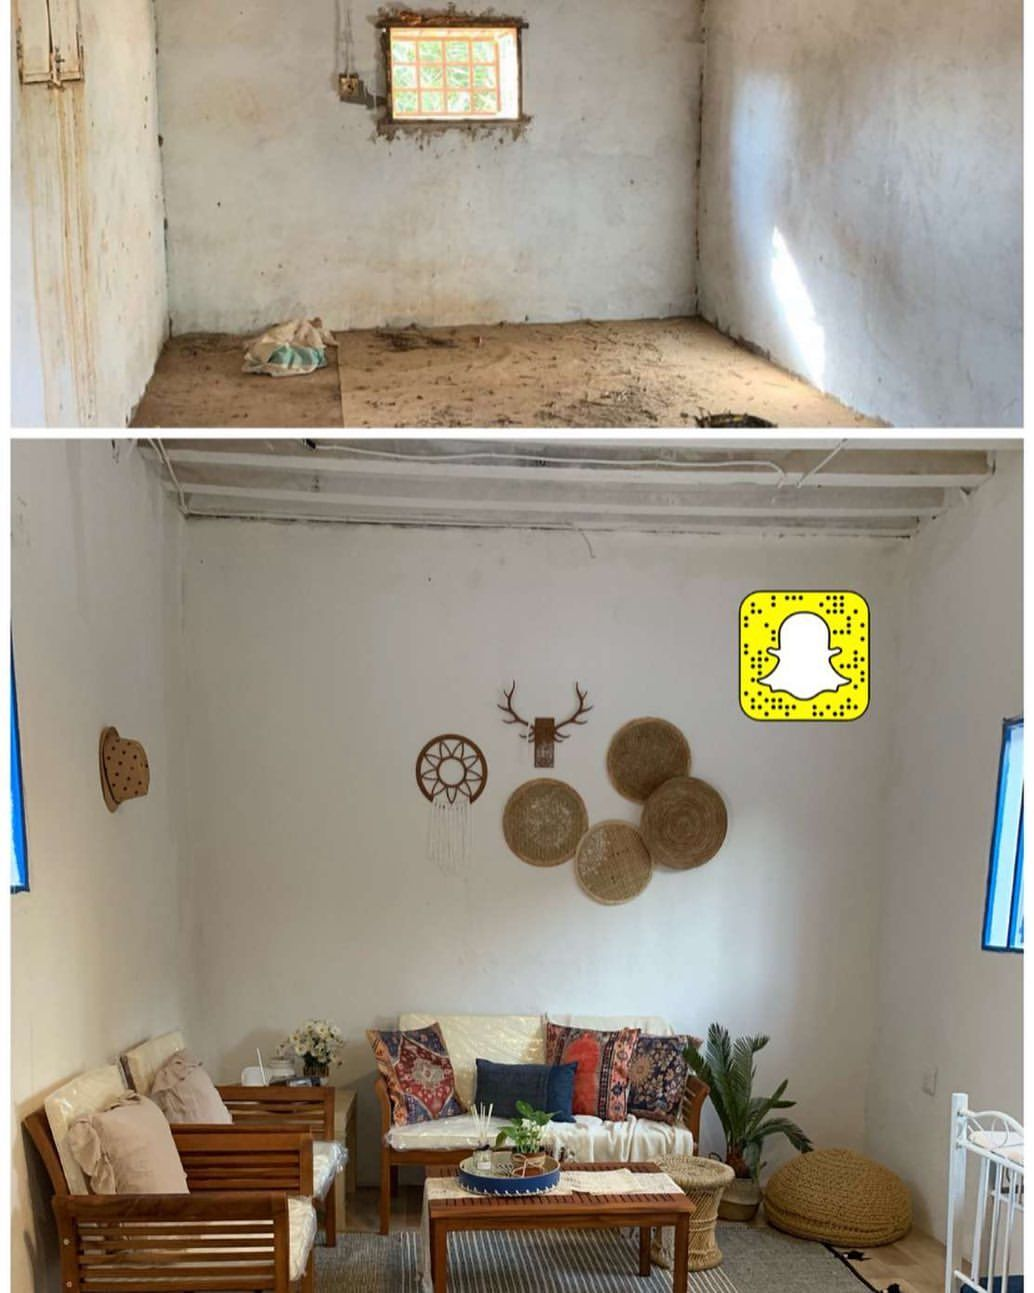 طور منزلك On Instagram غرفة مزرعه قبل وبعد التطوير رايكم وهل ناقص شي للمزيد مرر لليسار افكار نورة Storage Home Decor Storage Chest